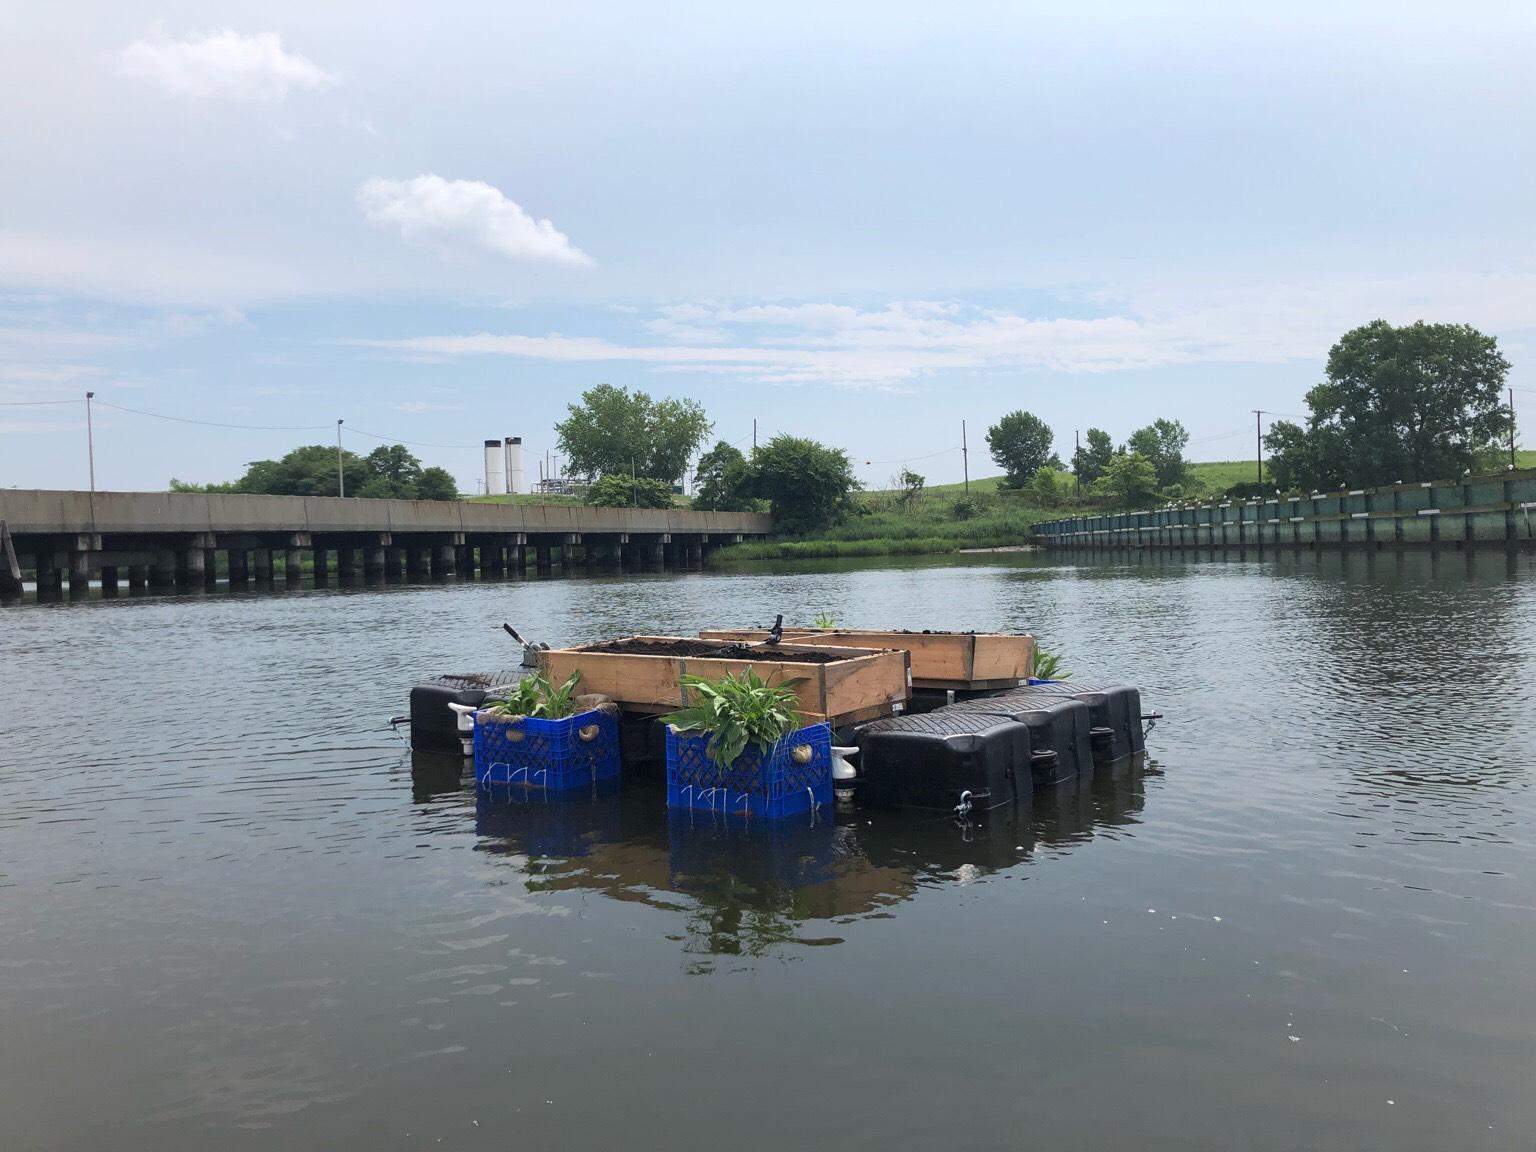 Living Dock Freshkills Park